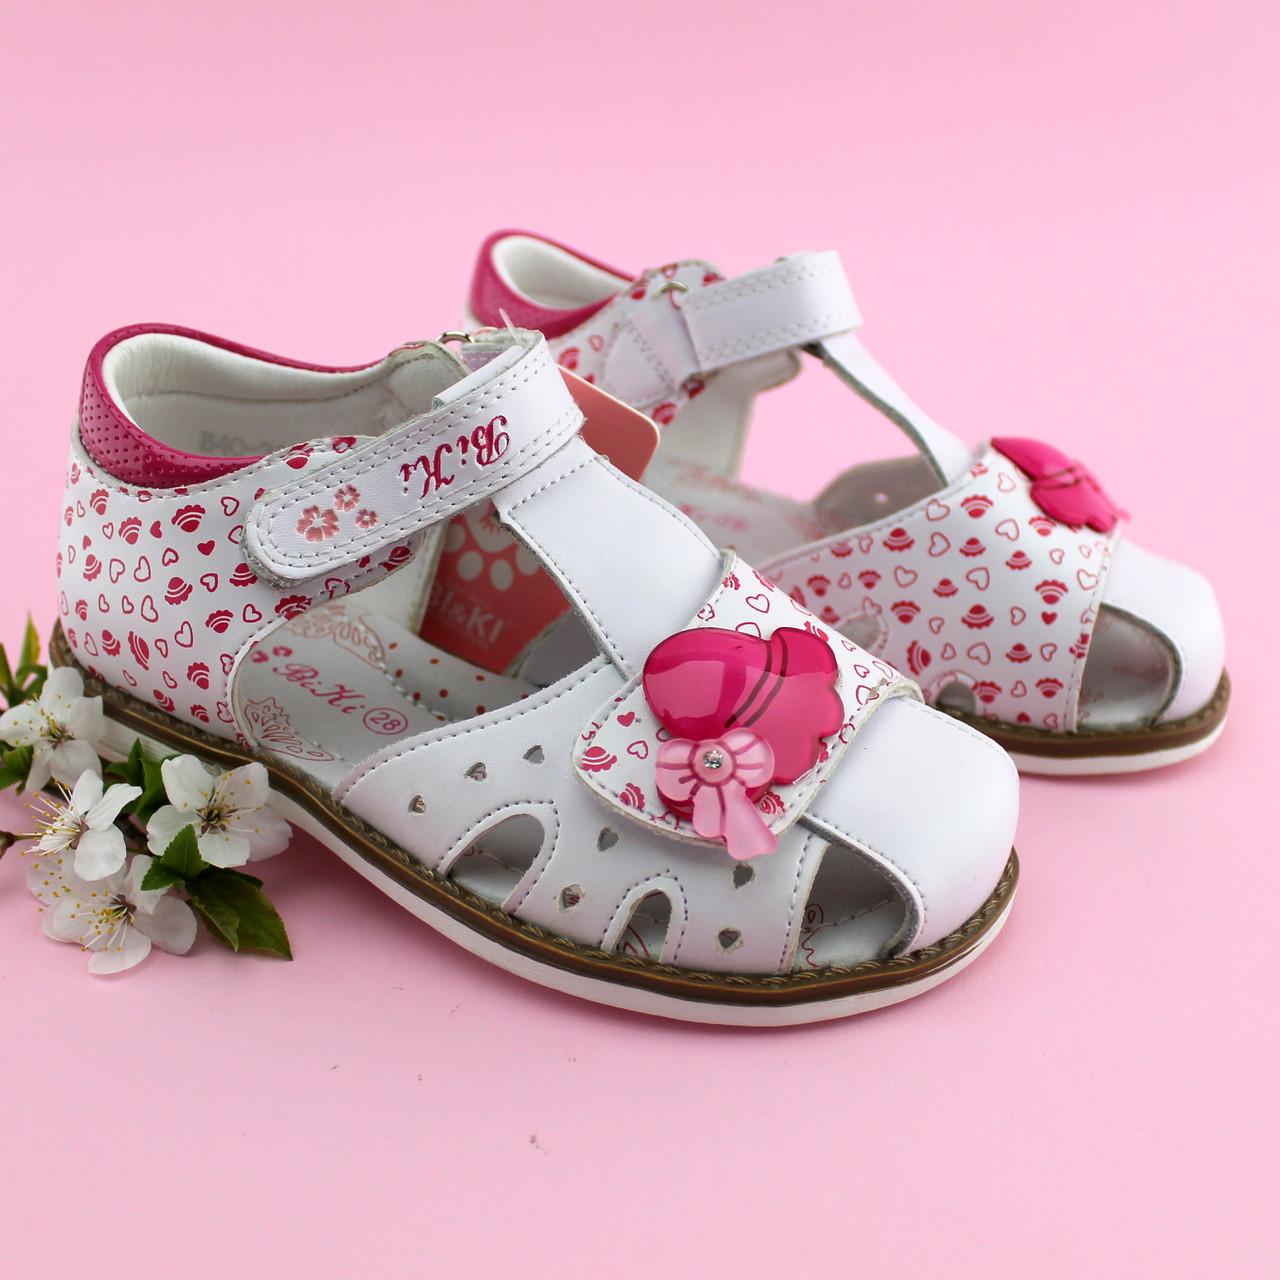 98901255 Босоножки на девочку нарядные Белые с розовым Bi&Ki размер 27,32 - BonKids  - детский